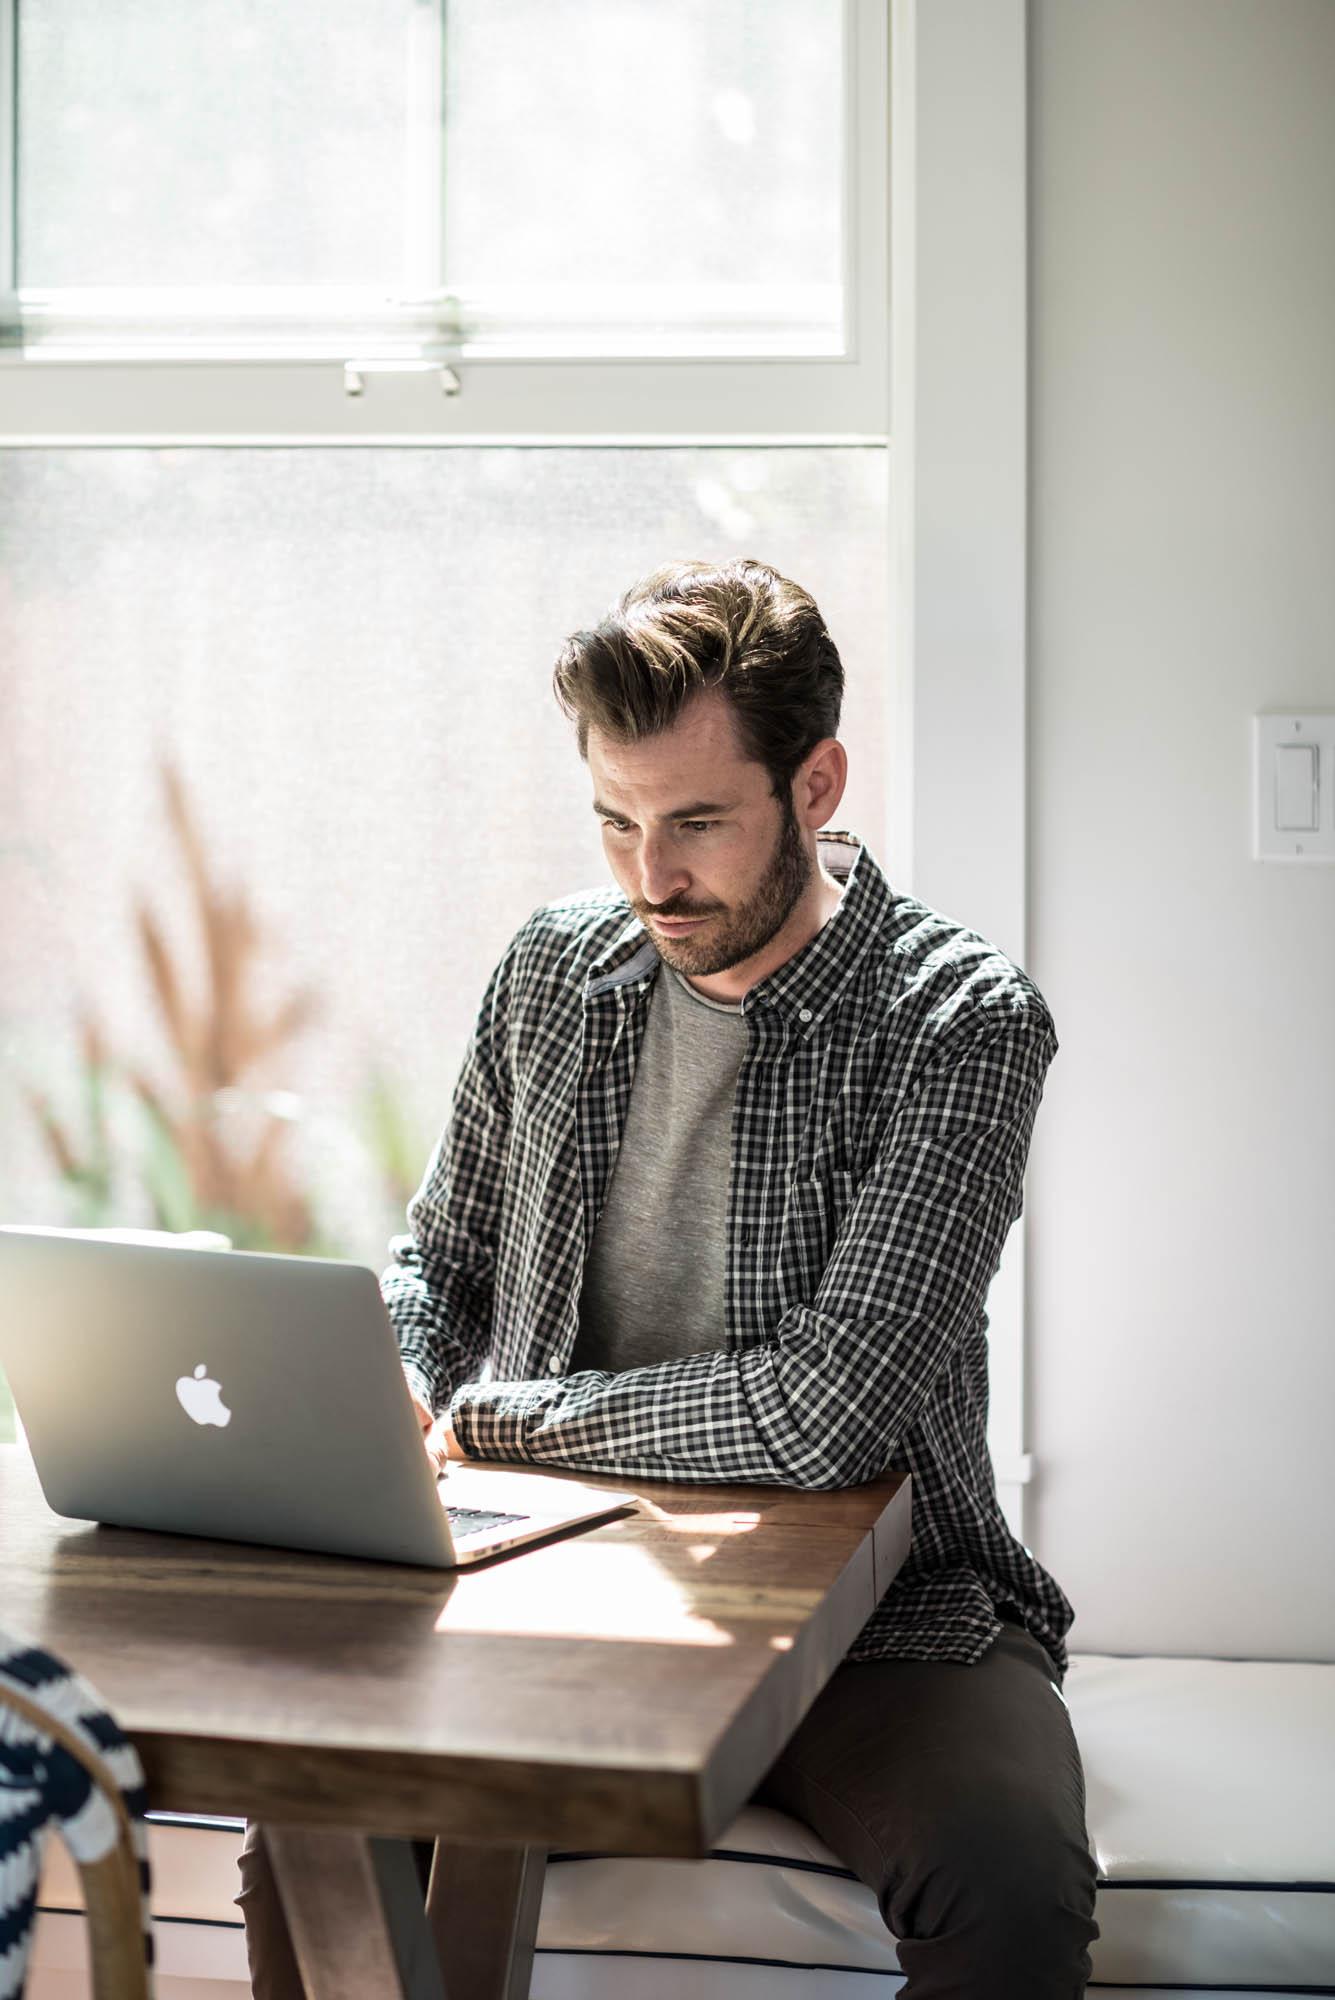 Young-man-on-laptop-Jordan-Reeder.jpg